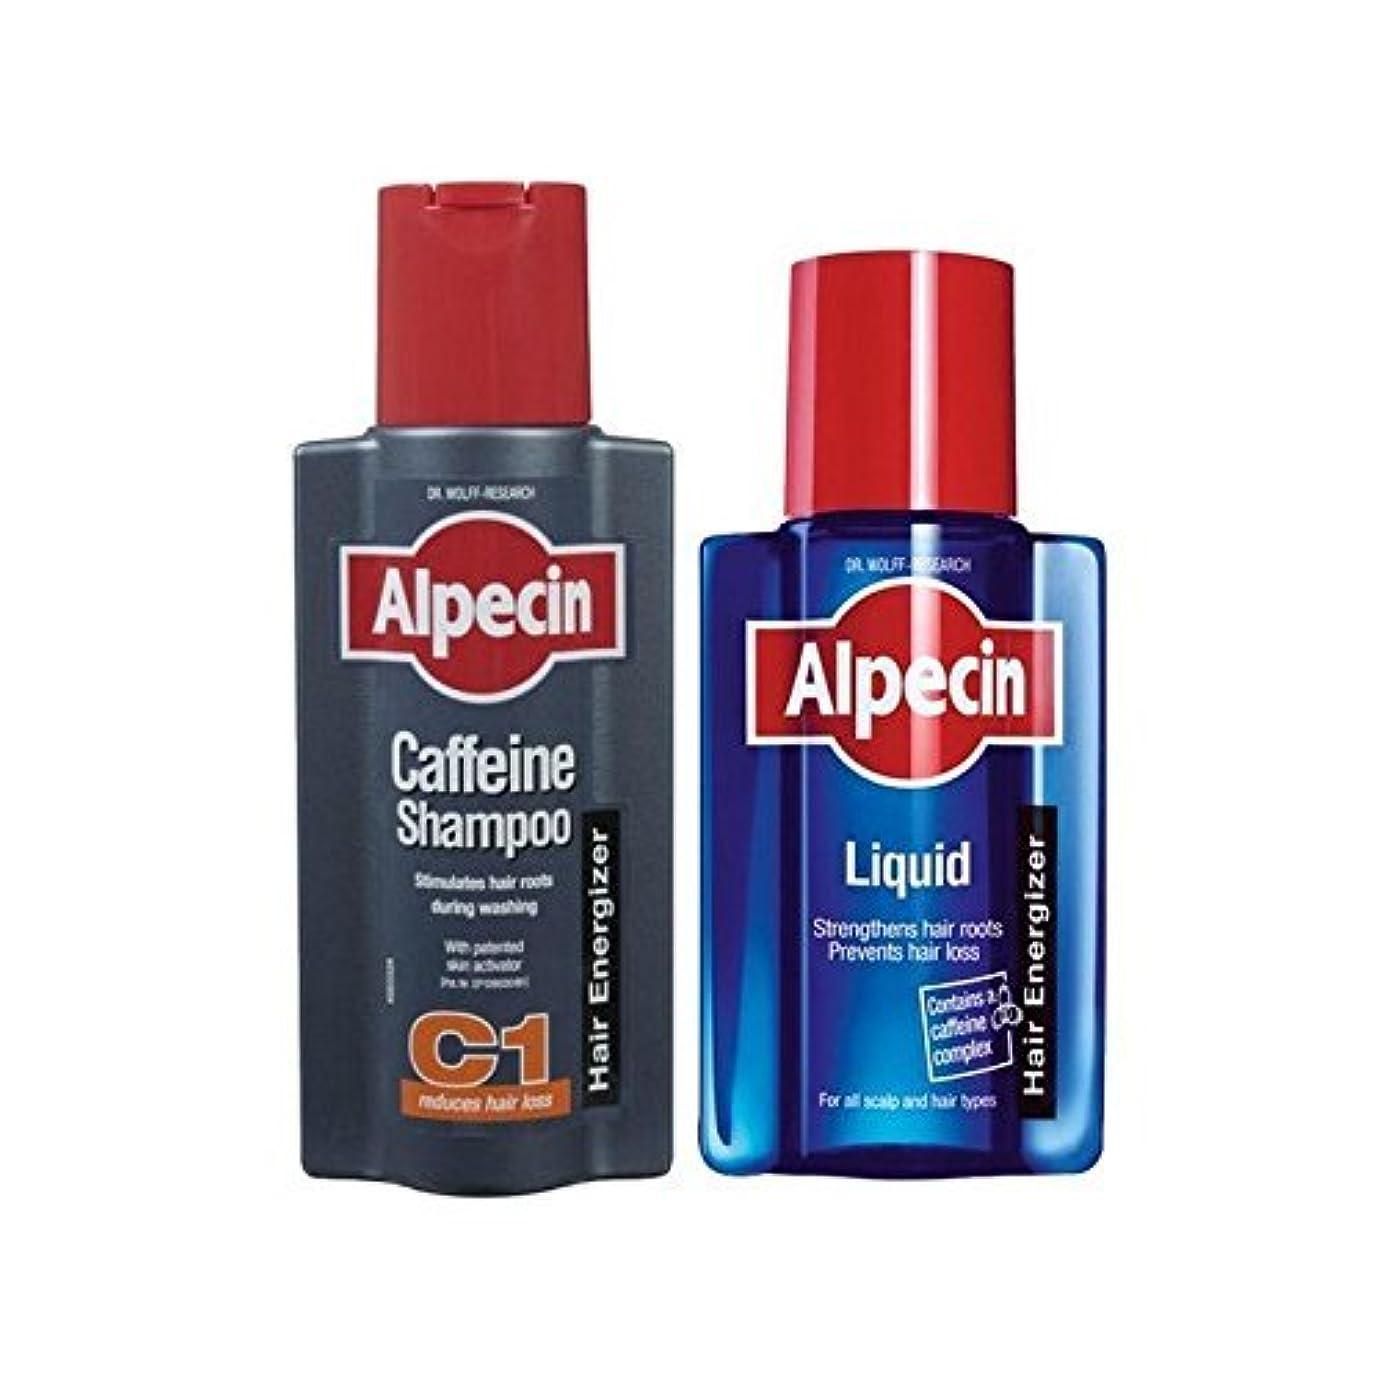 マグ絡み合い明らかAlpecin Liquid And Caffeine Shampoo Duo - 液体とカフェインシャンプーデュオ [並行輸入品]